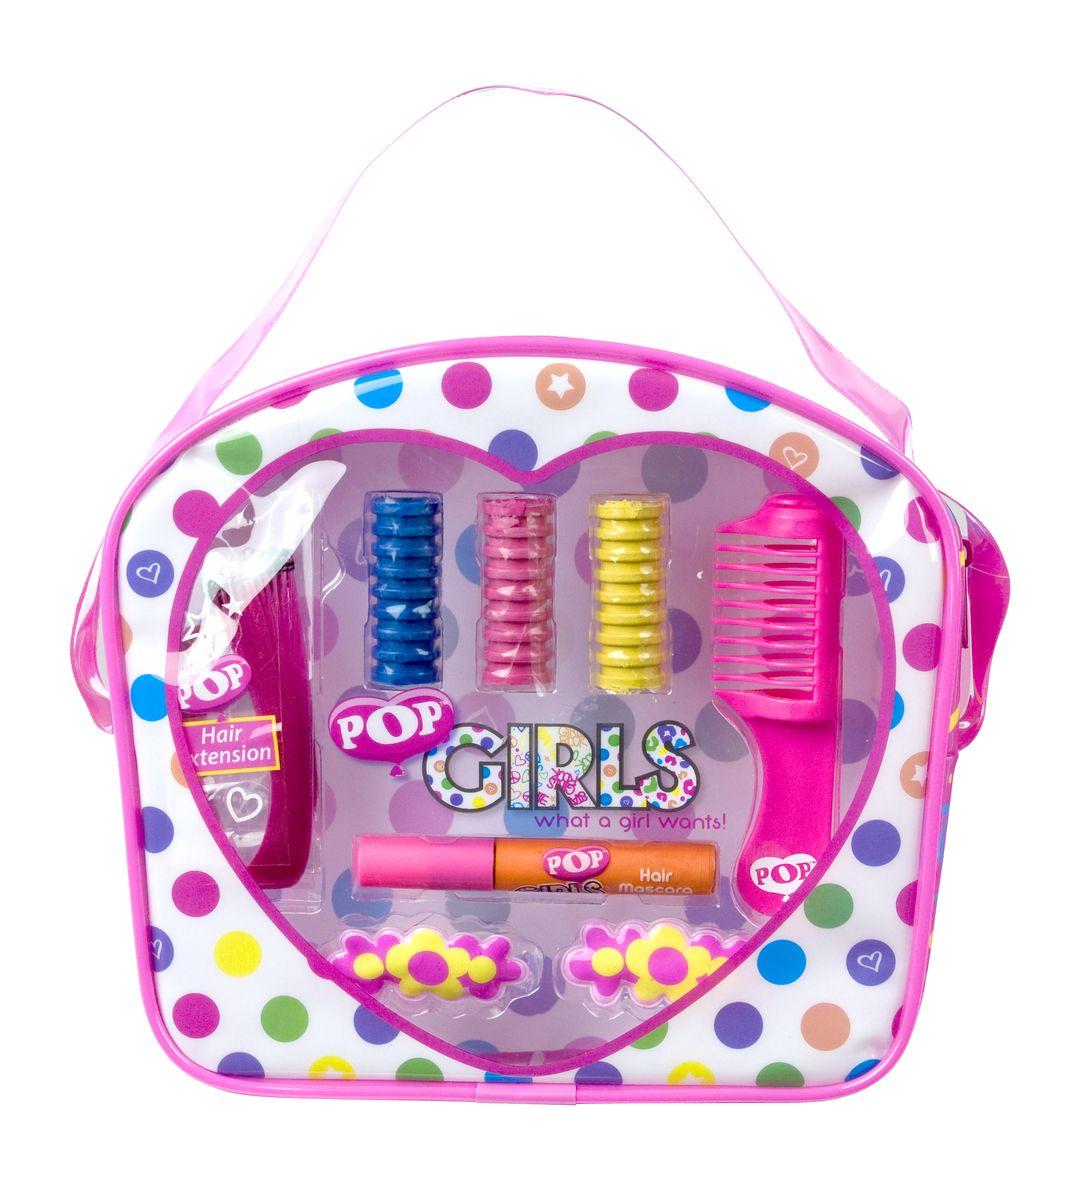 Markwins Игровой набор детской декоративной косметики для волос Pop GirlKGSPK001Набор детской косметики для окрашивания волос Markwins Pop Girl поможет создать яркий образ! При этом краска легко смывается обычной водой, не содержит вредных веществ, не портит волосы. В набор входит флакончик с краской для волос и специальные мелки, которыми можно легко покрасить отдельные пряди. Искусственная прядь придаст дополнительную изюминку. Детская краска для волос прекрасно подойдет для создания образа перед маскарадом, праздником или выступлением.Детская косметика Markwins создана с соблюдением самых высоких европейских стандартов безопасности. Продукция не содержит парабенов, метилизотиазолинона, пальмового масла. Предназначена для детей от 7 лет. Несмотря на высокое качество продукции и ее общую гипоаллергенность, производитель рекомендует проверить индивидуальную реакцию на косметику перед ее использованием. Просто нанесите на кожу немного косметики и подержите 30-60 минут. Если на коже появится покраснение, следует прекратить использование продукции. Эта аллергическая реакция проявляется очень редко и зависит от индивидуальных особенностей организма.Условия хранения: хранить при температуре от +5 до +25 градусов; не допускать попадания прямых солнечных лучей.